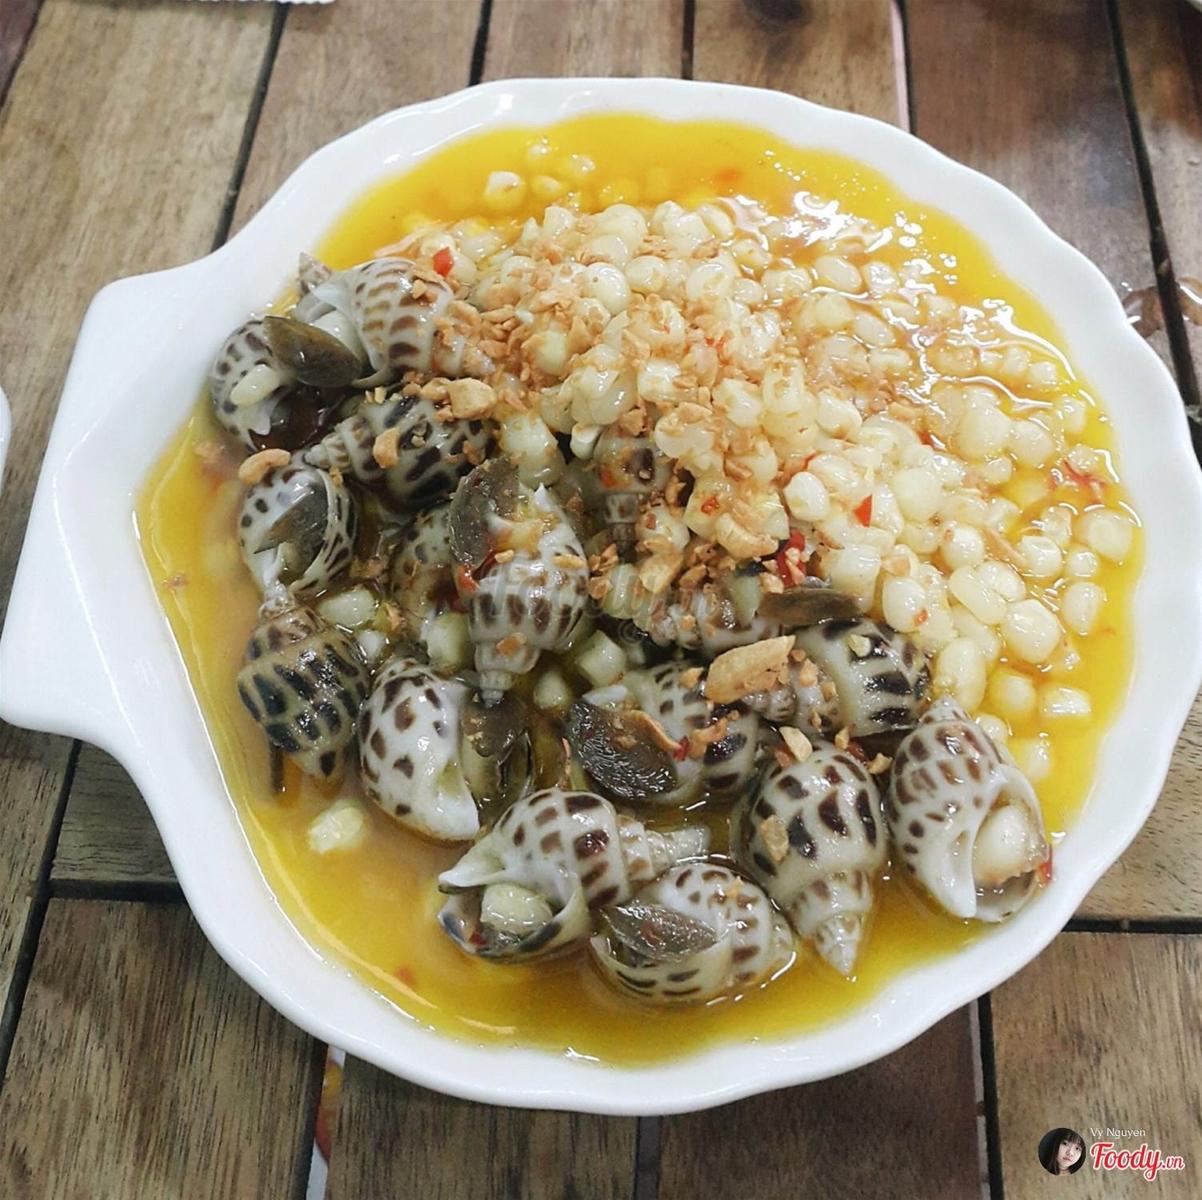 Địa điểm ăn uống siêu ngon, không thể bỏ qua ở quận Tân Phú (ốc Nhớ)